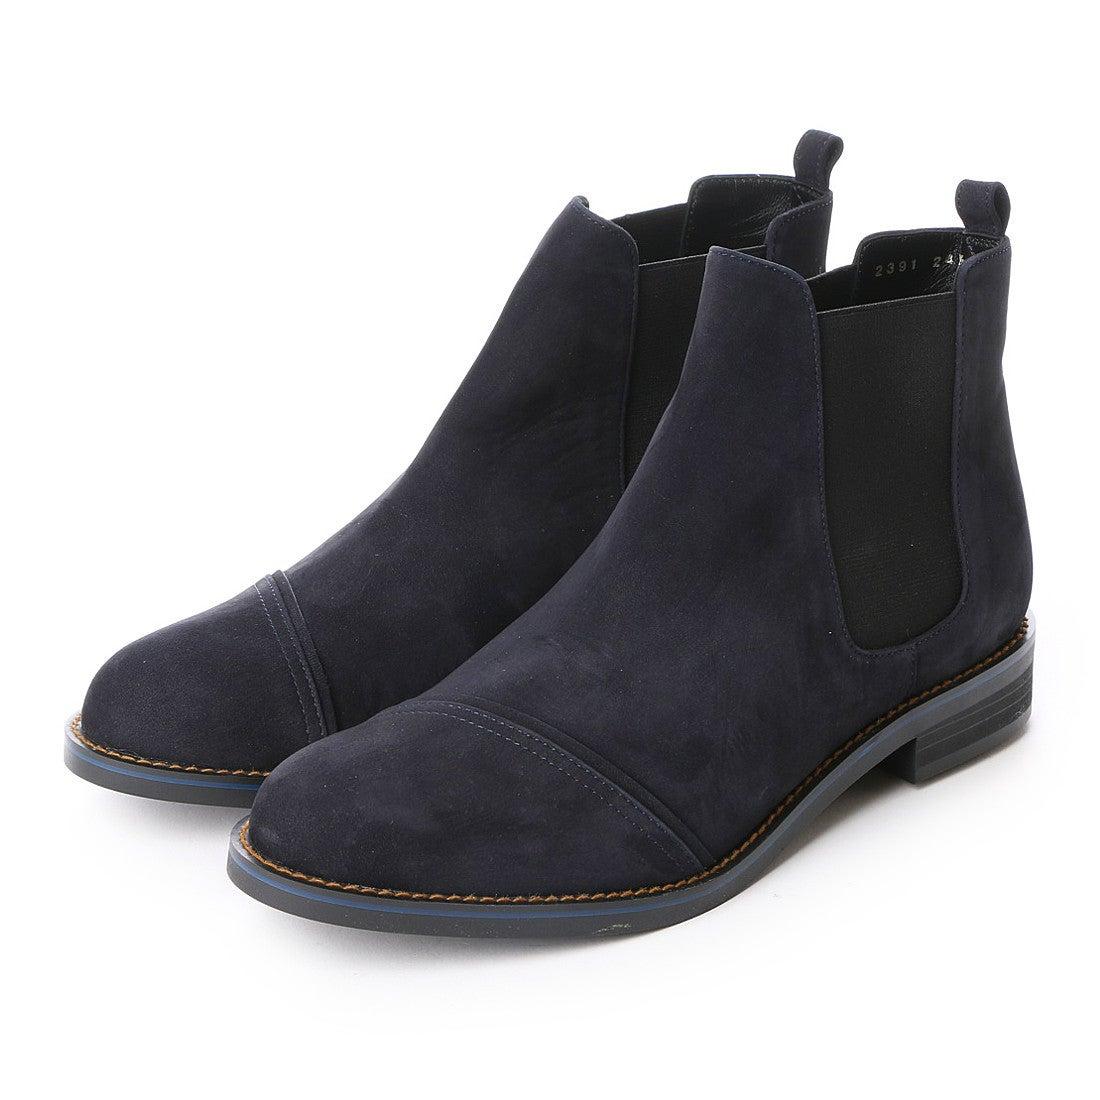 ランバン オン ブルー LANVIN en Bleu サイドゴアショートブーツ (ネイビーN) ,靴とファッションの通販サイト ロコンド